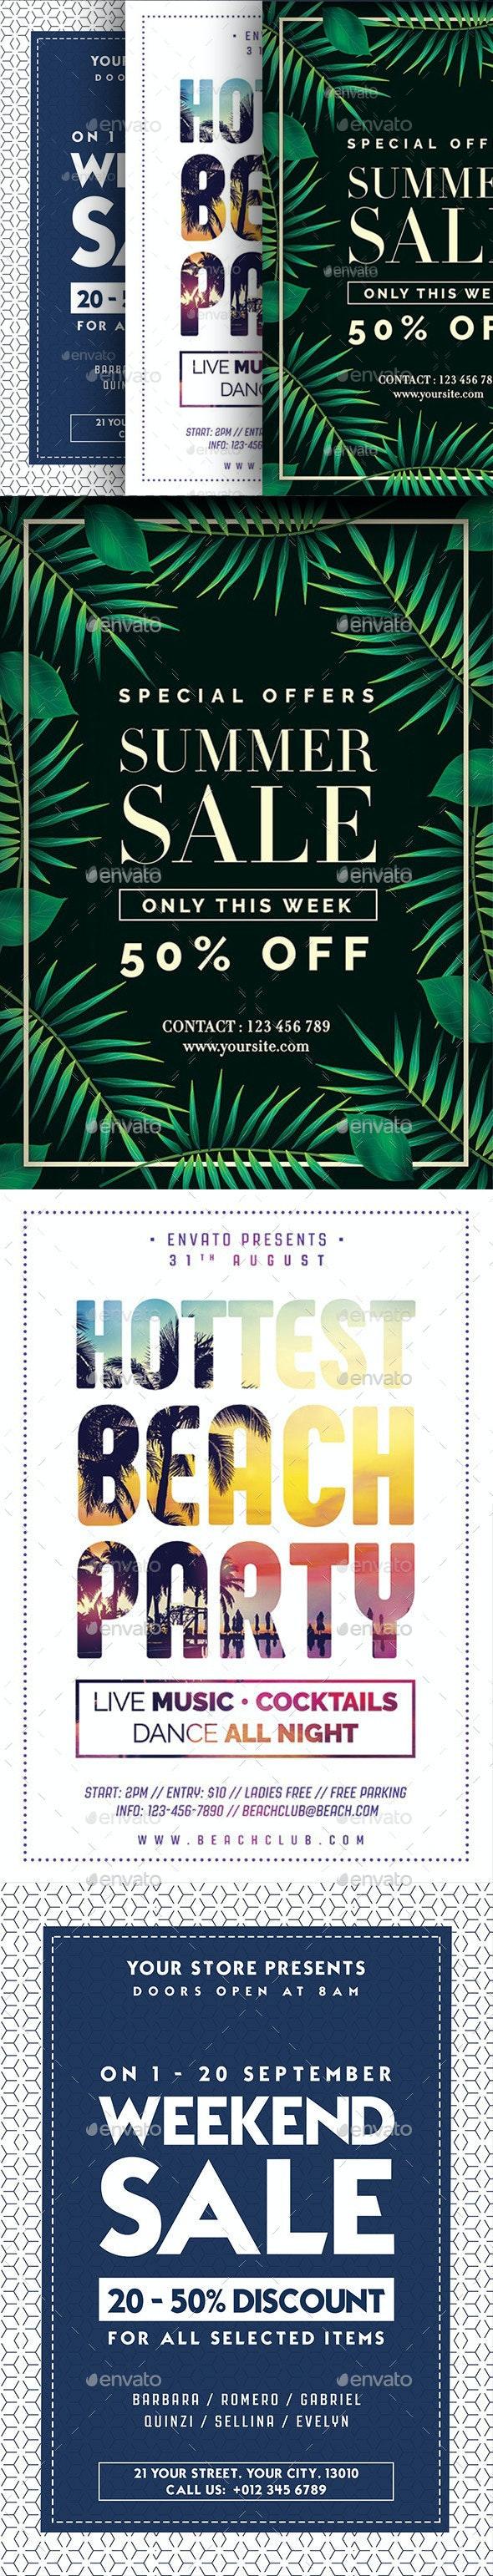 Summer Bundle Flyer - Flyers Print Templates